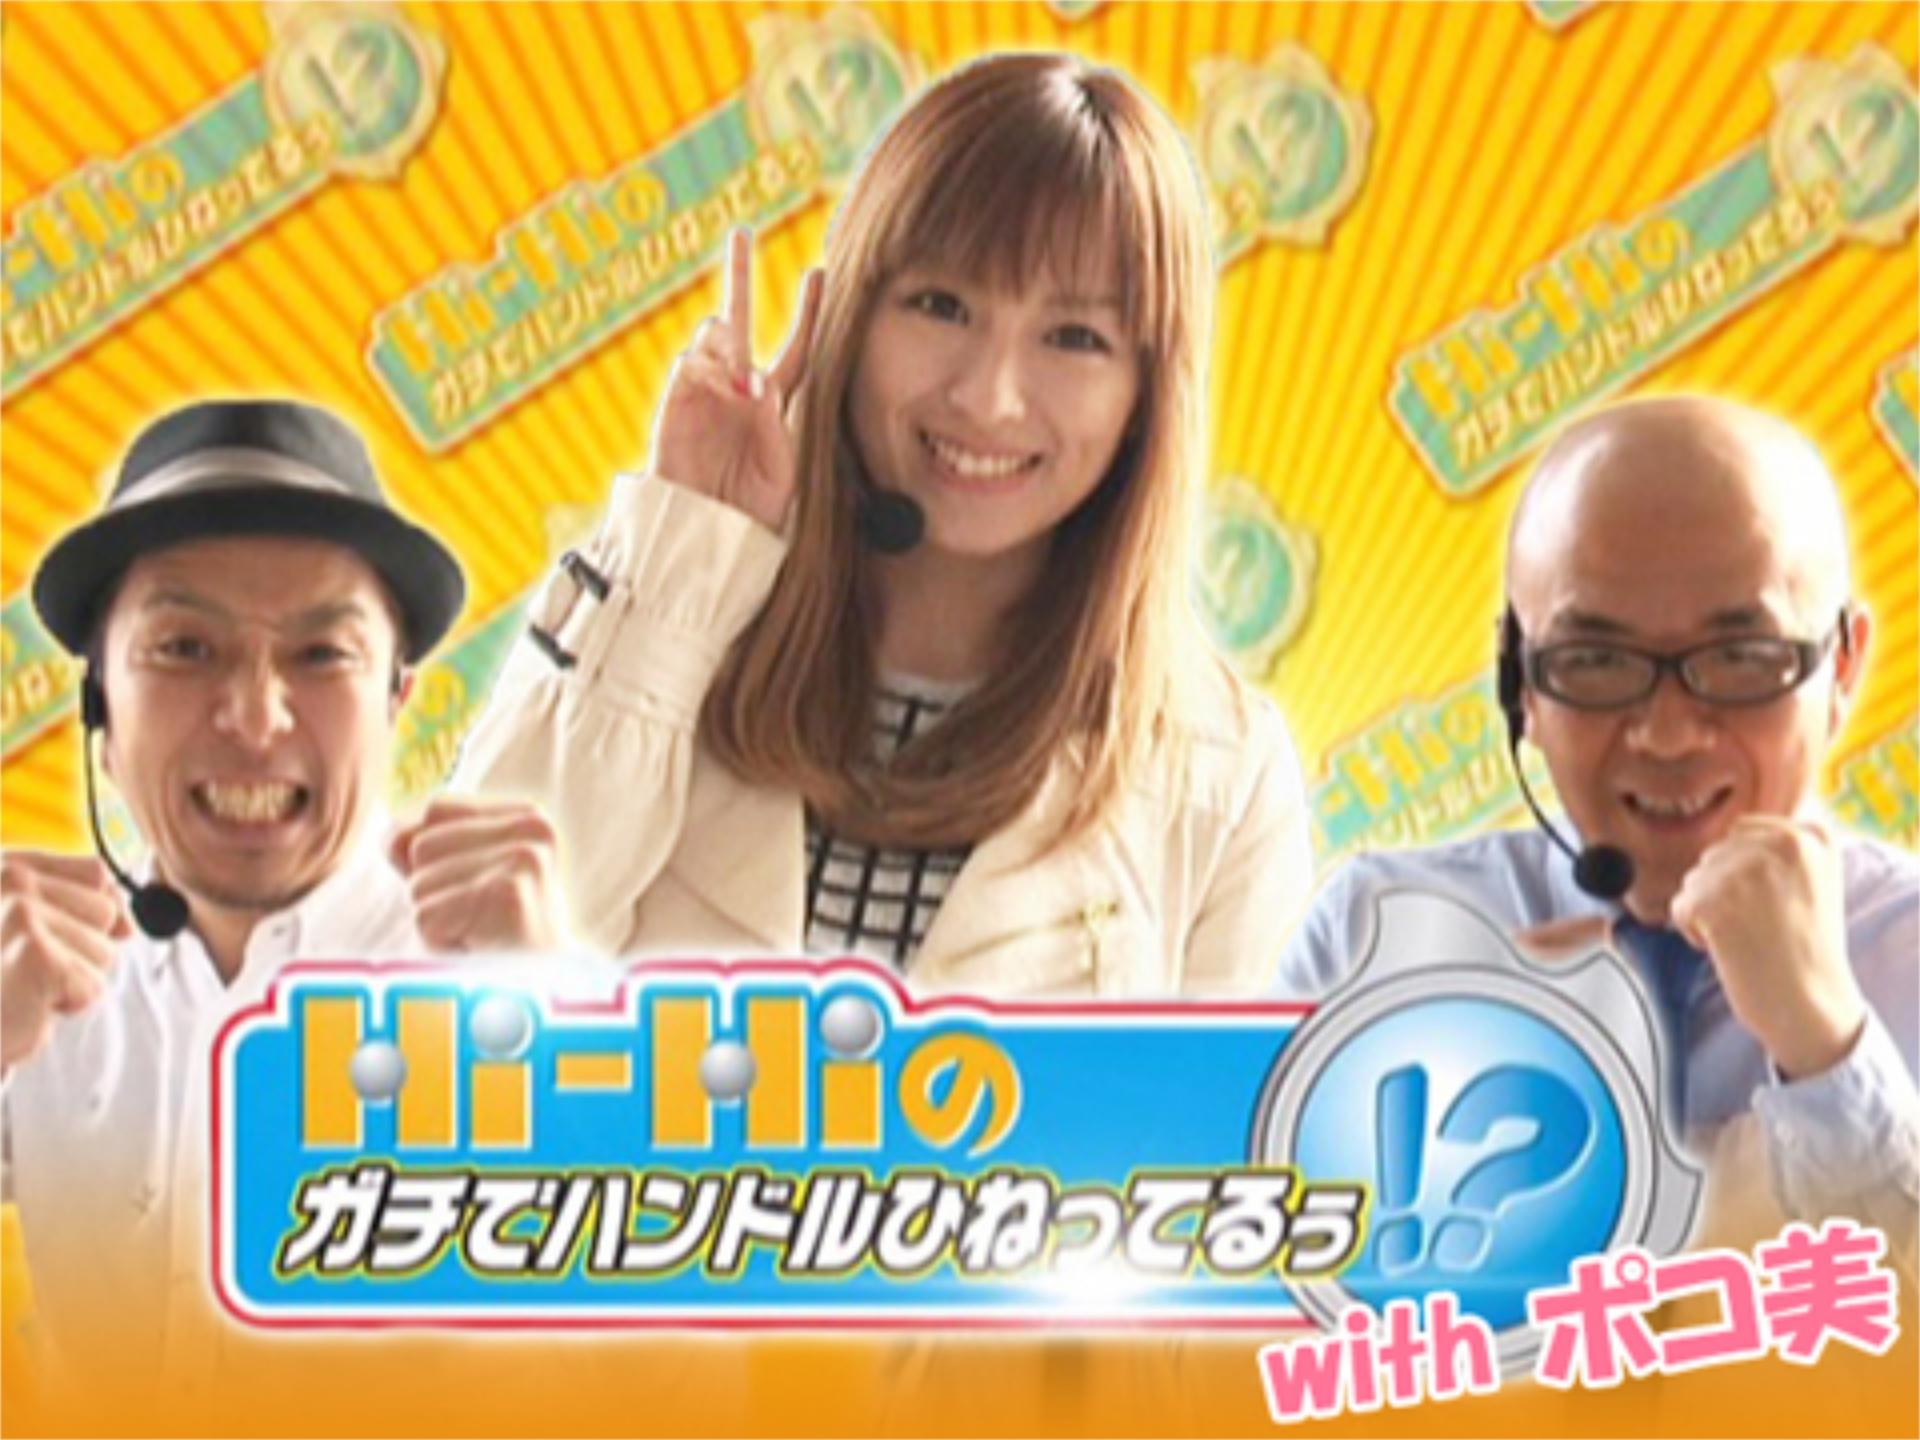 パチ&スロ『【特番】Hi-Hiのガチでハンドルひねってるぅ!?』の動画 ...